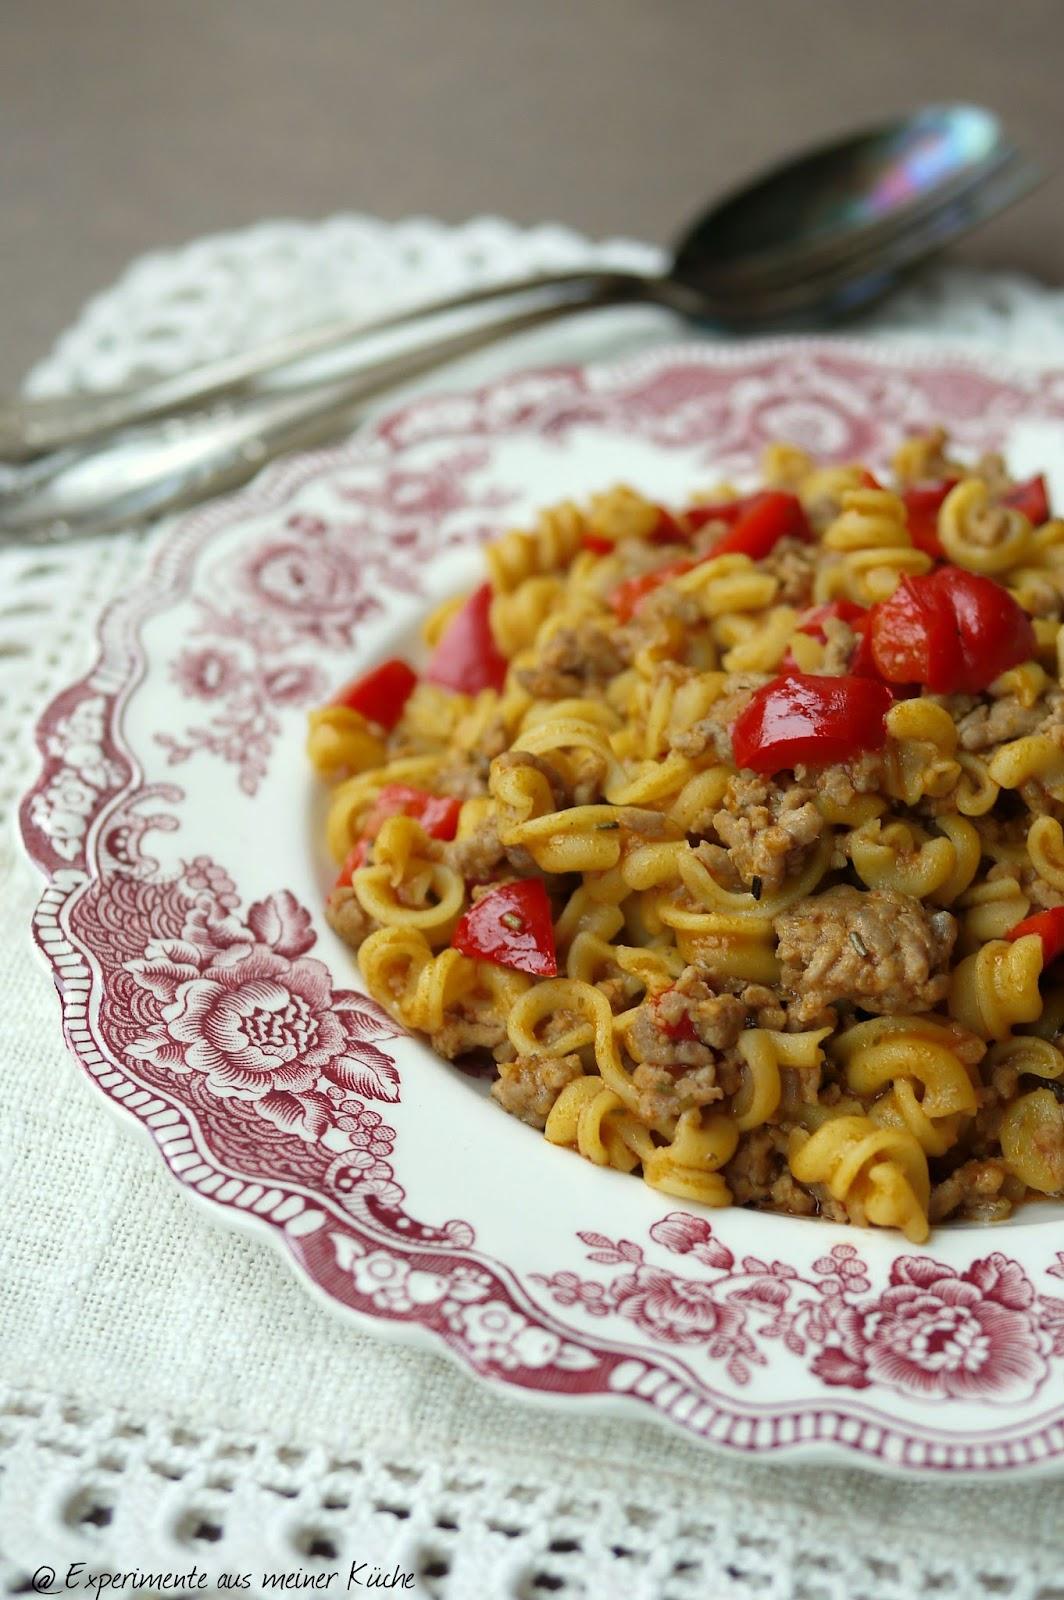 Experimente aus meiner Küche: One Pot Pasta mit Hackfleisch und Paprika